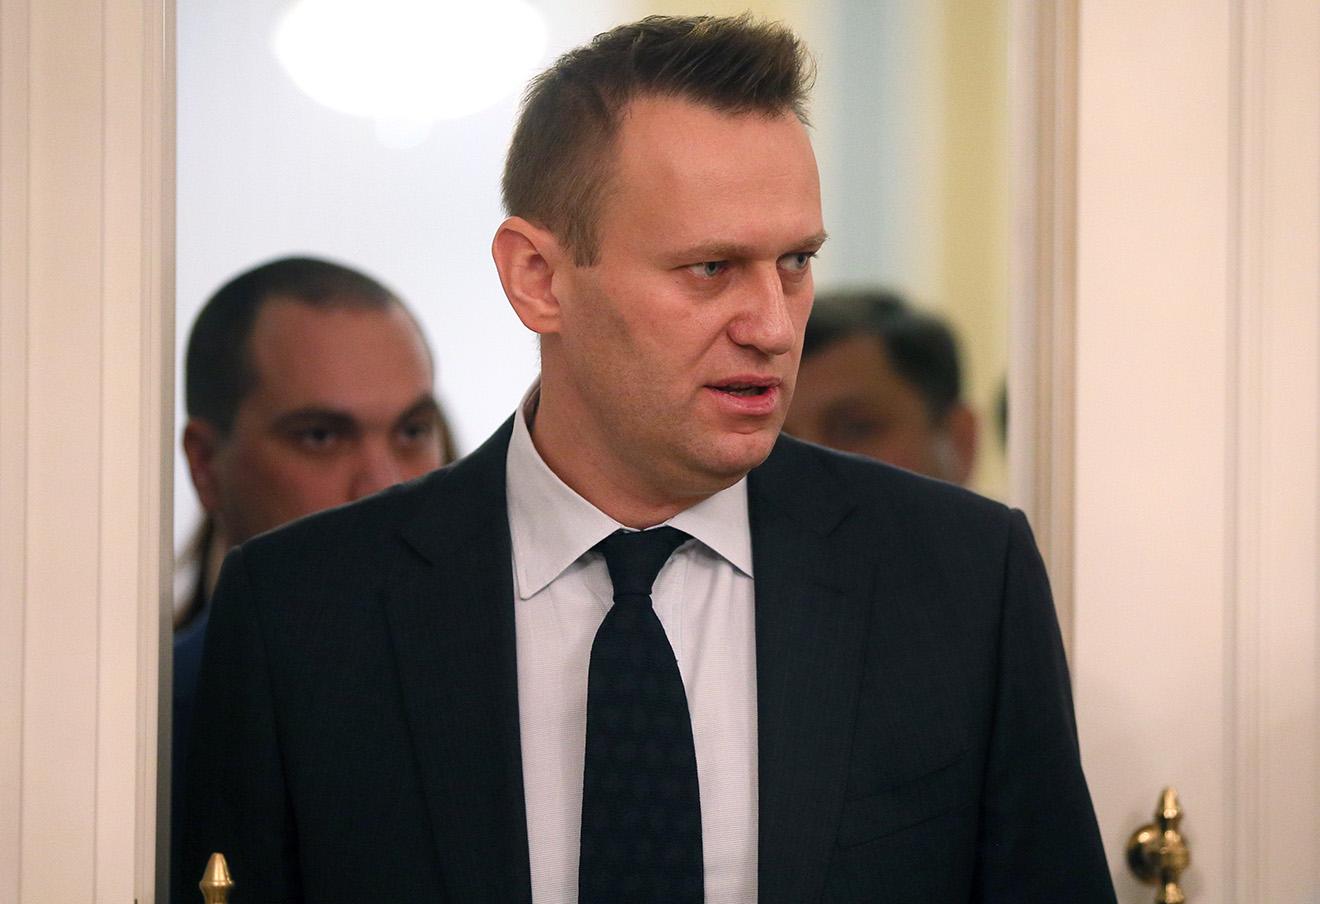 Алексей Навальный на пересмотре дела по «Кировлесу» в Верховном суде РФ. Фото: Дмитрий Серебряков / ТАСС